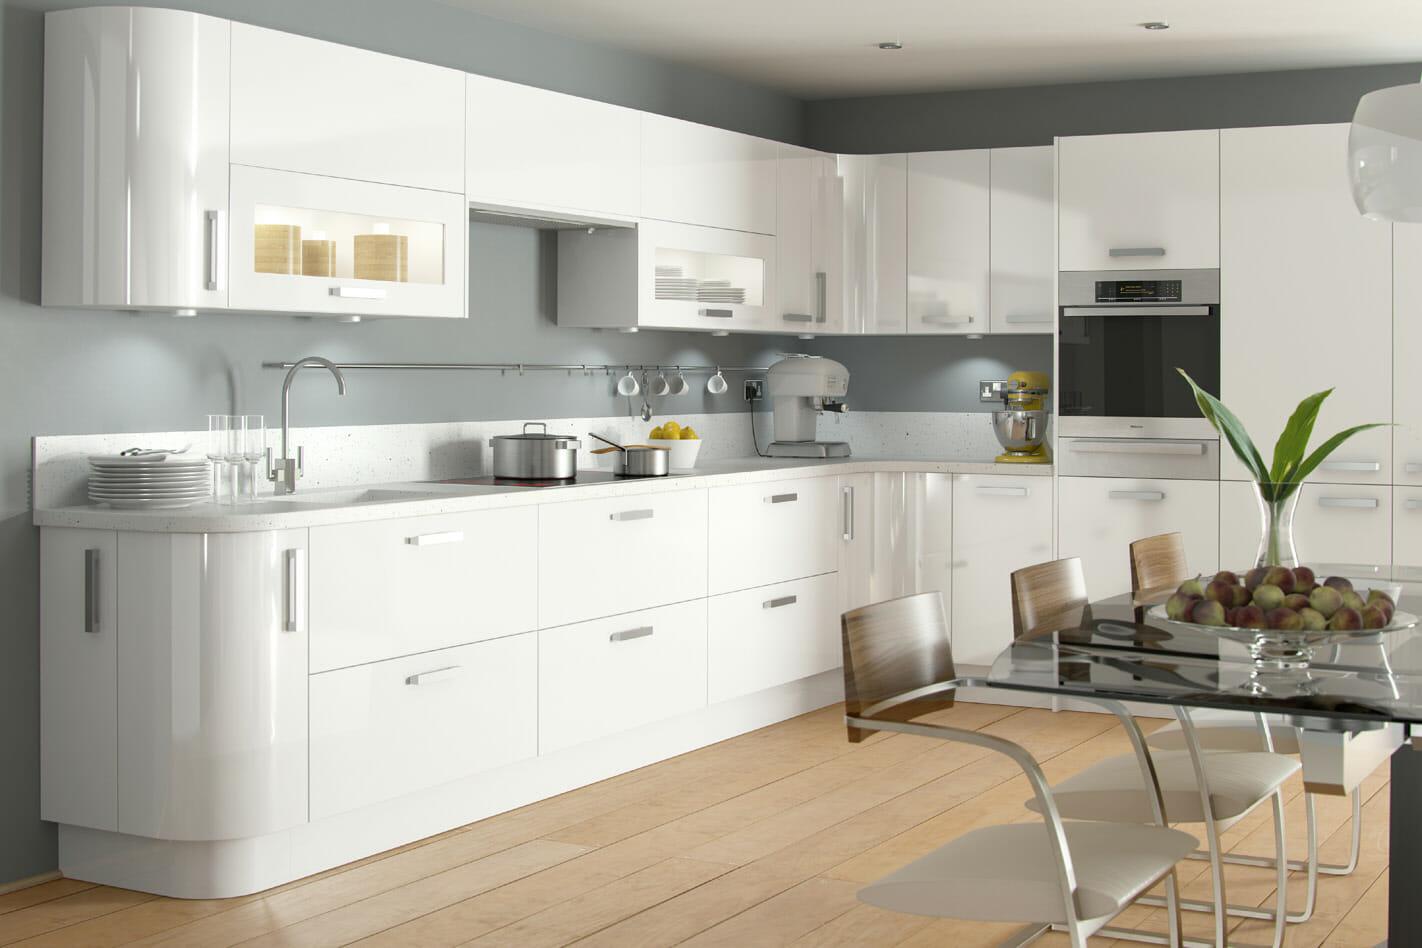 High gloss kitchens mastercraft kitchens - White Kitchens Modern White Gloss Kitchen Cupboards